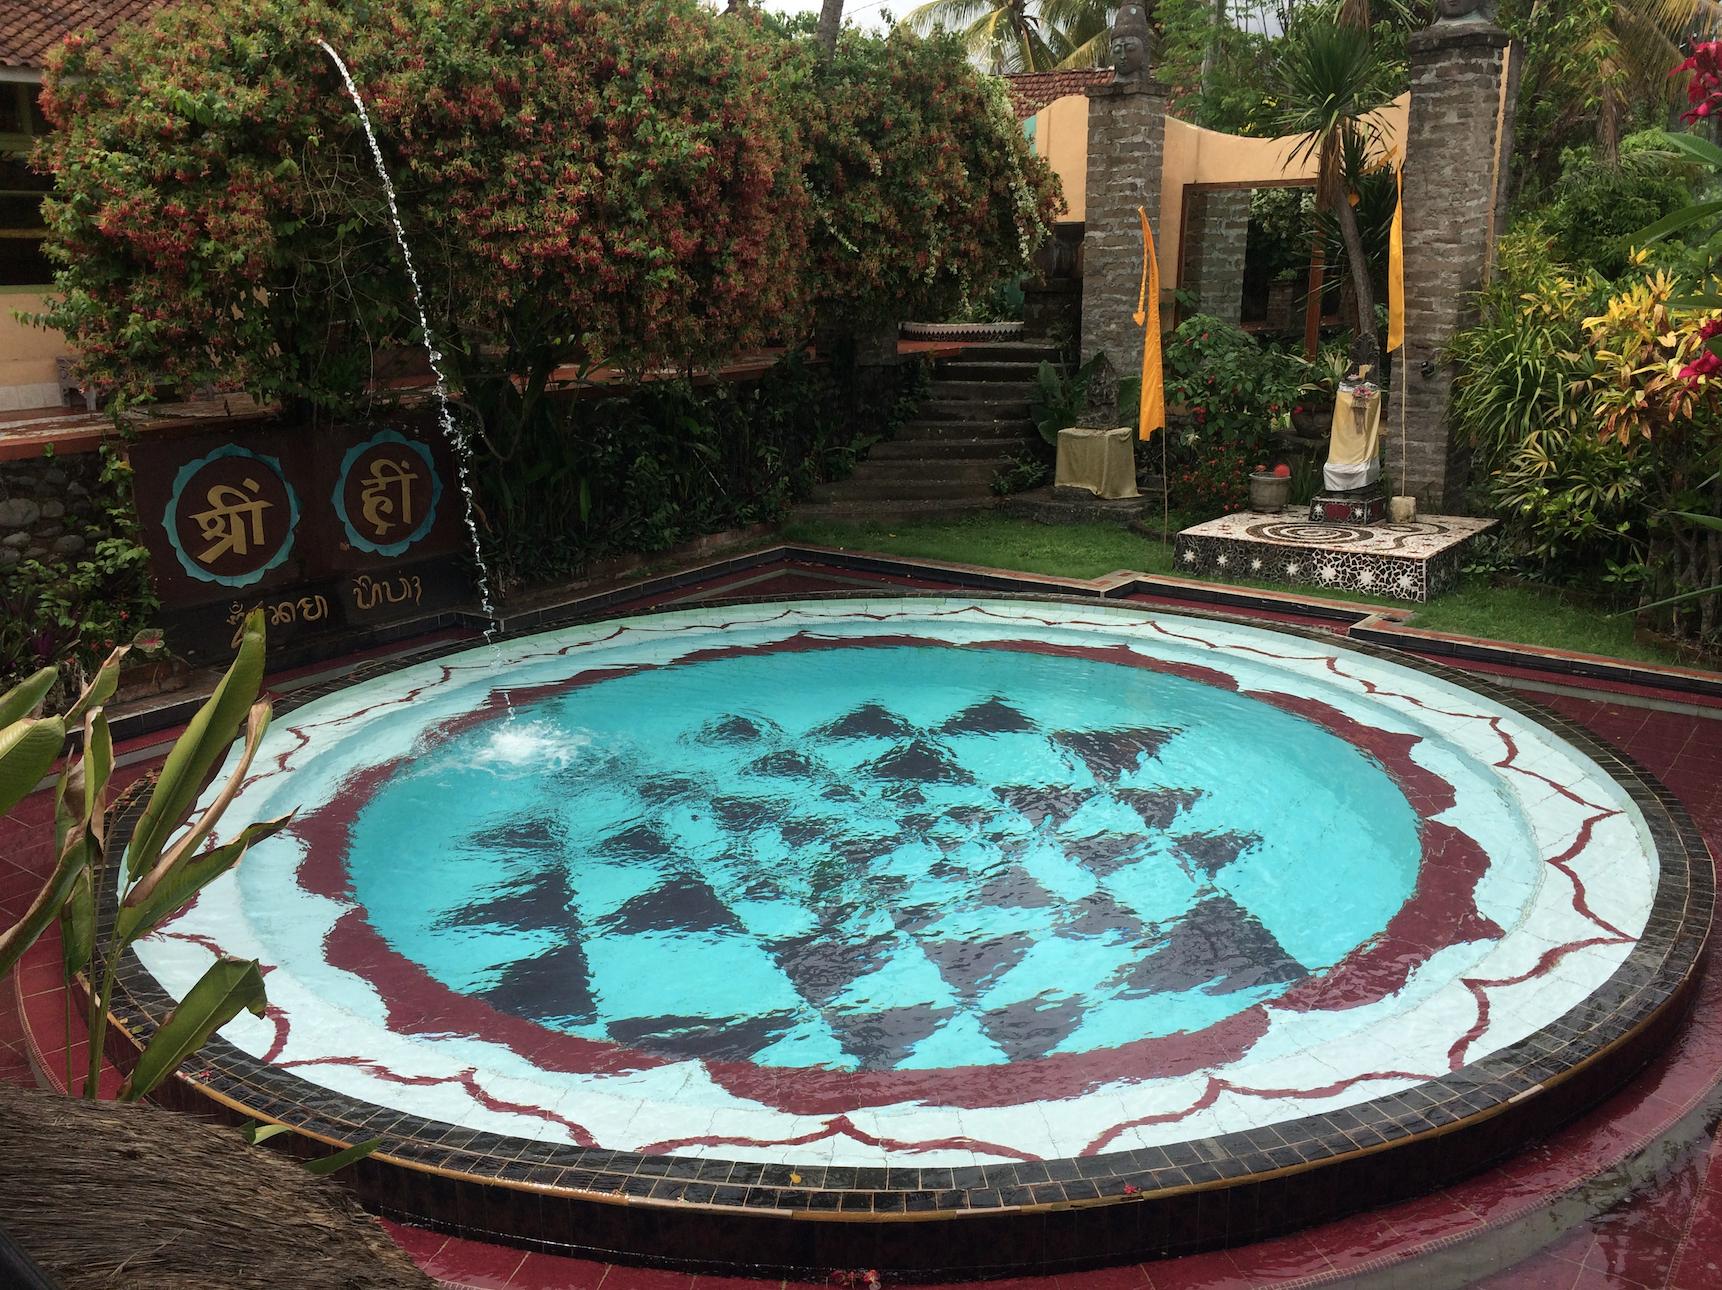 Mosaic Mandala Pool